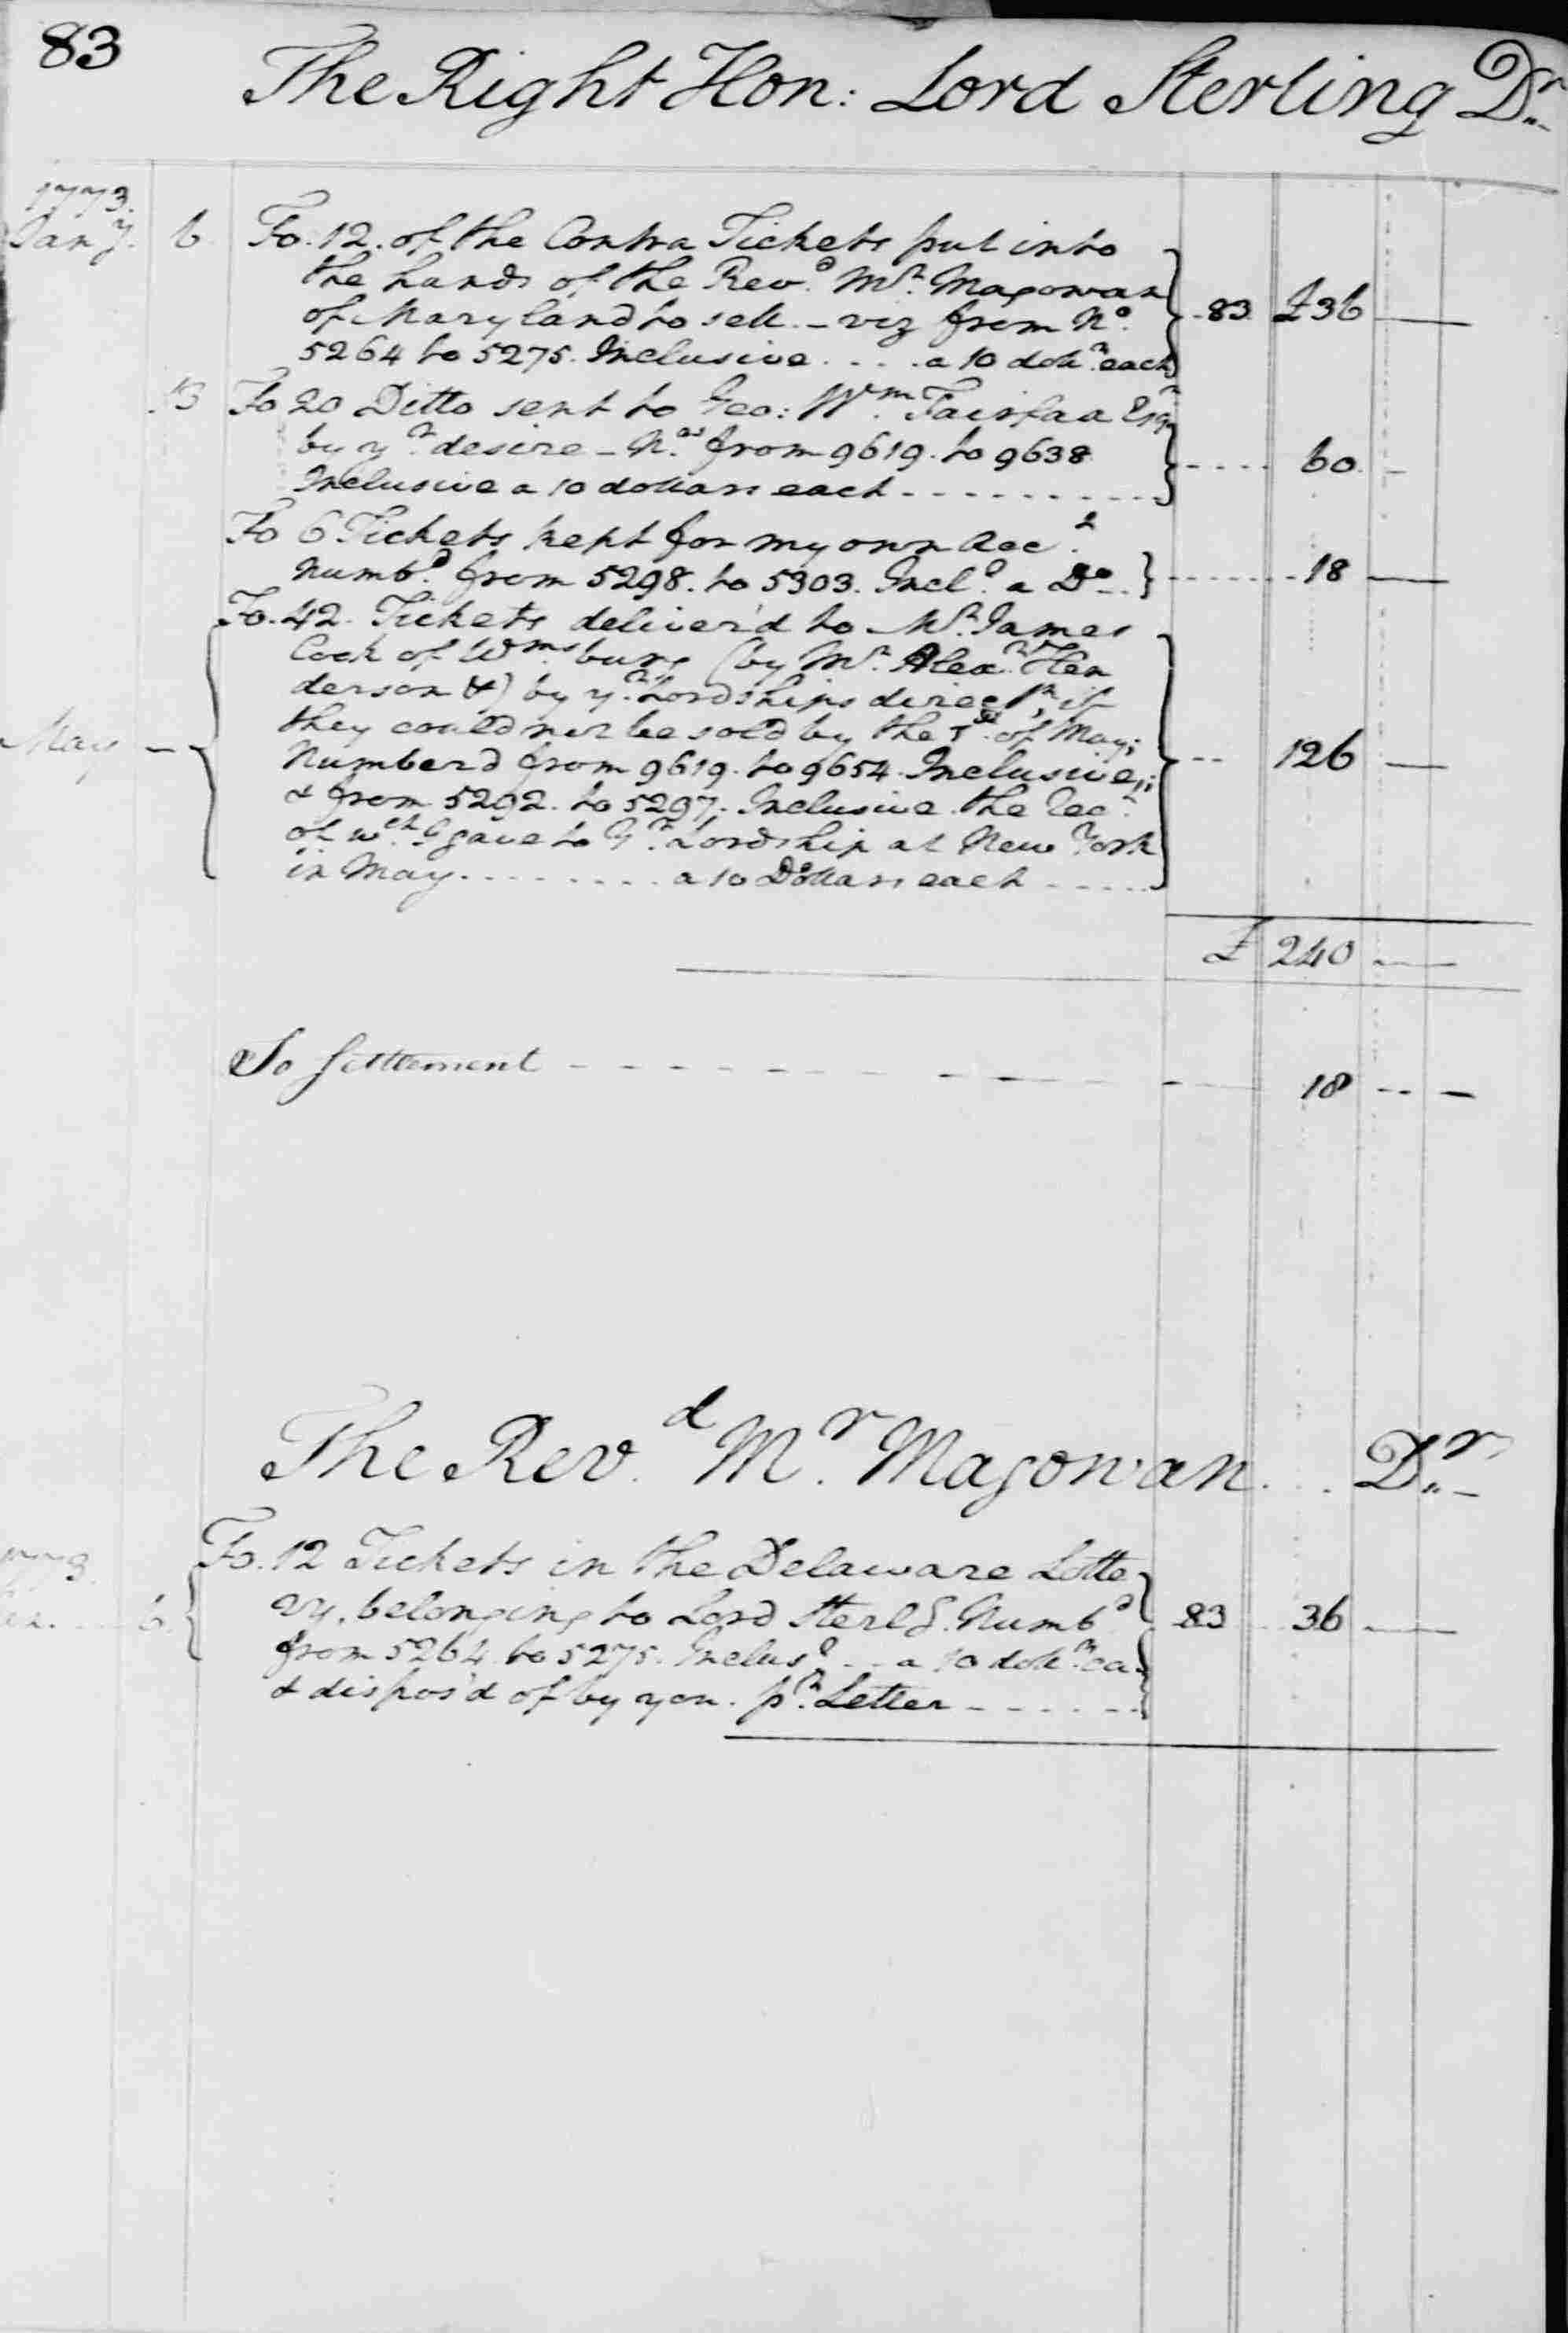 Ledger B, folio 83, left side